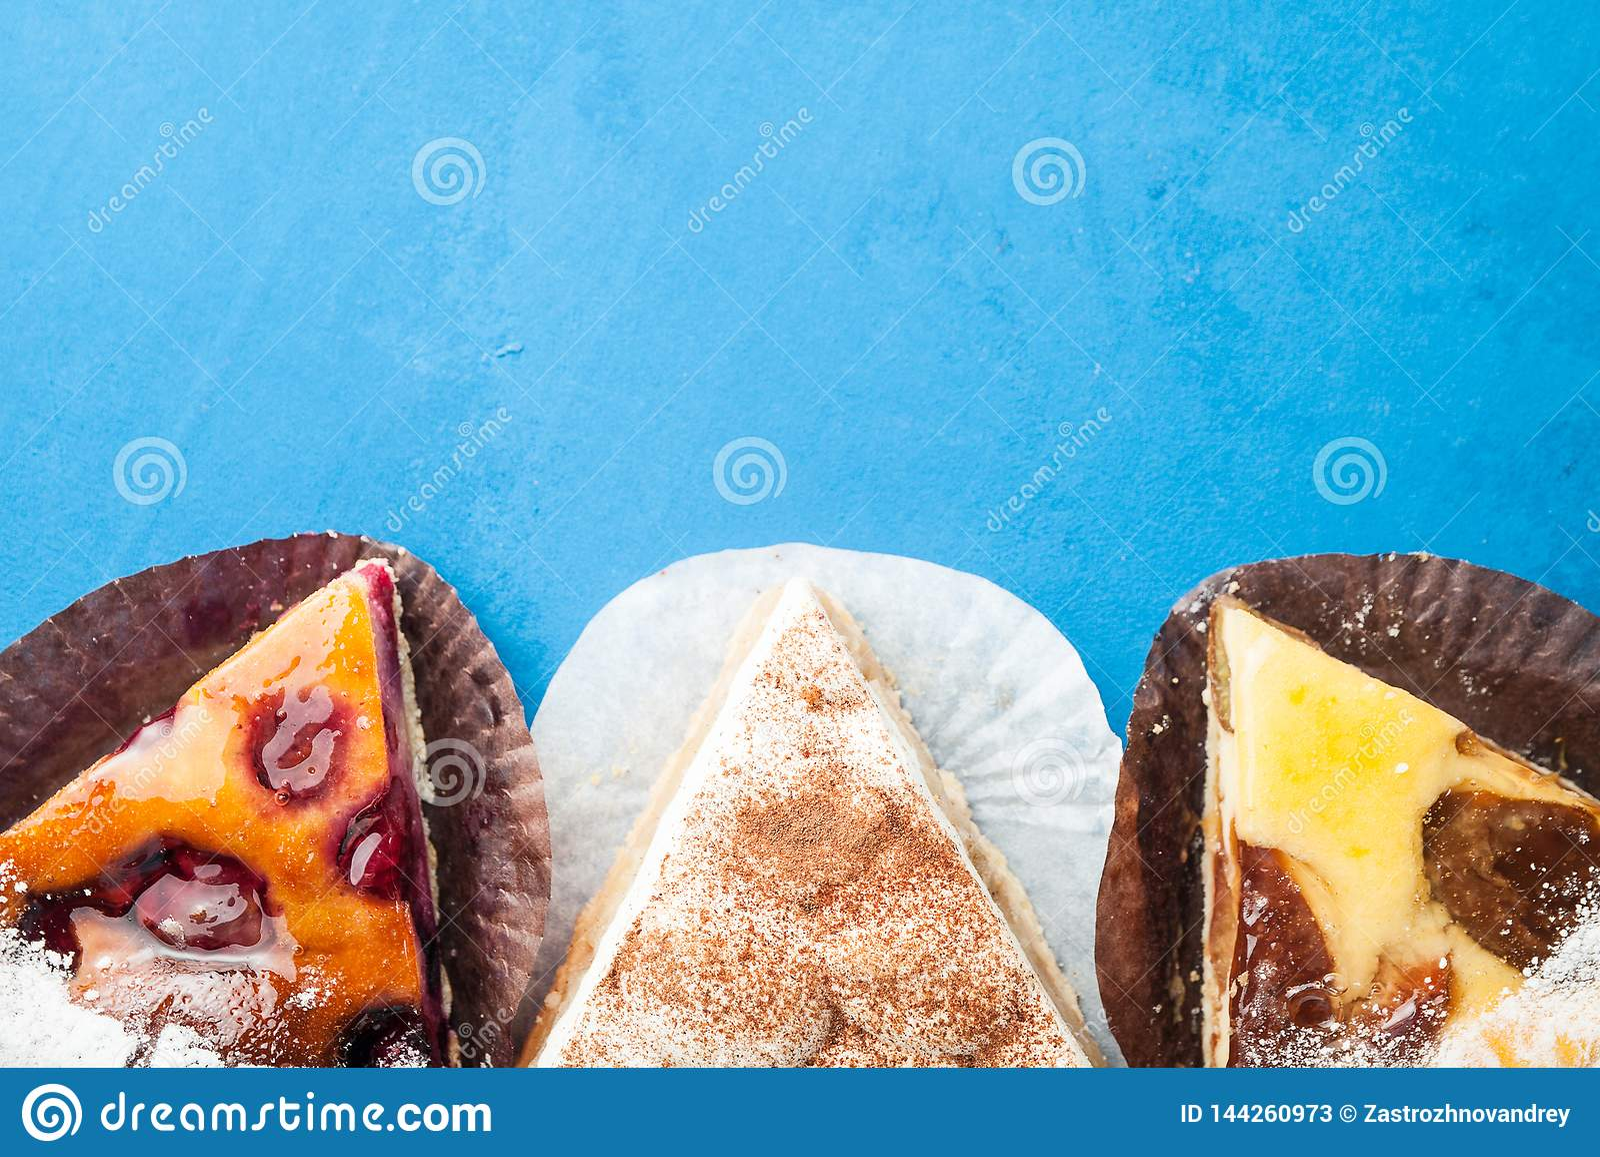 Três partes de torta diferentes em um fundo azul com espaço para felicitações Conceito de um feriado ou de um aniversário